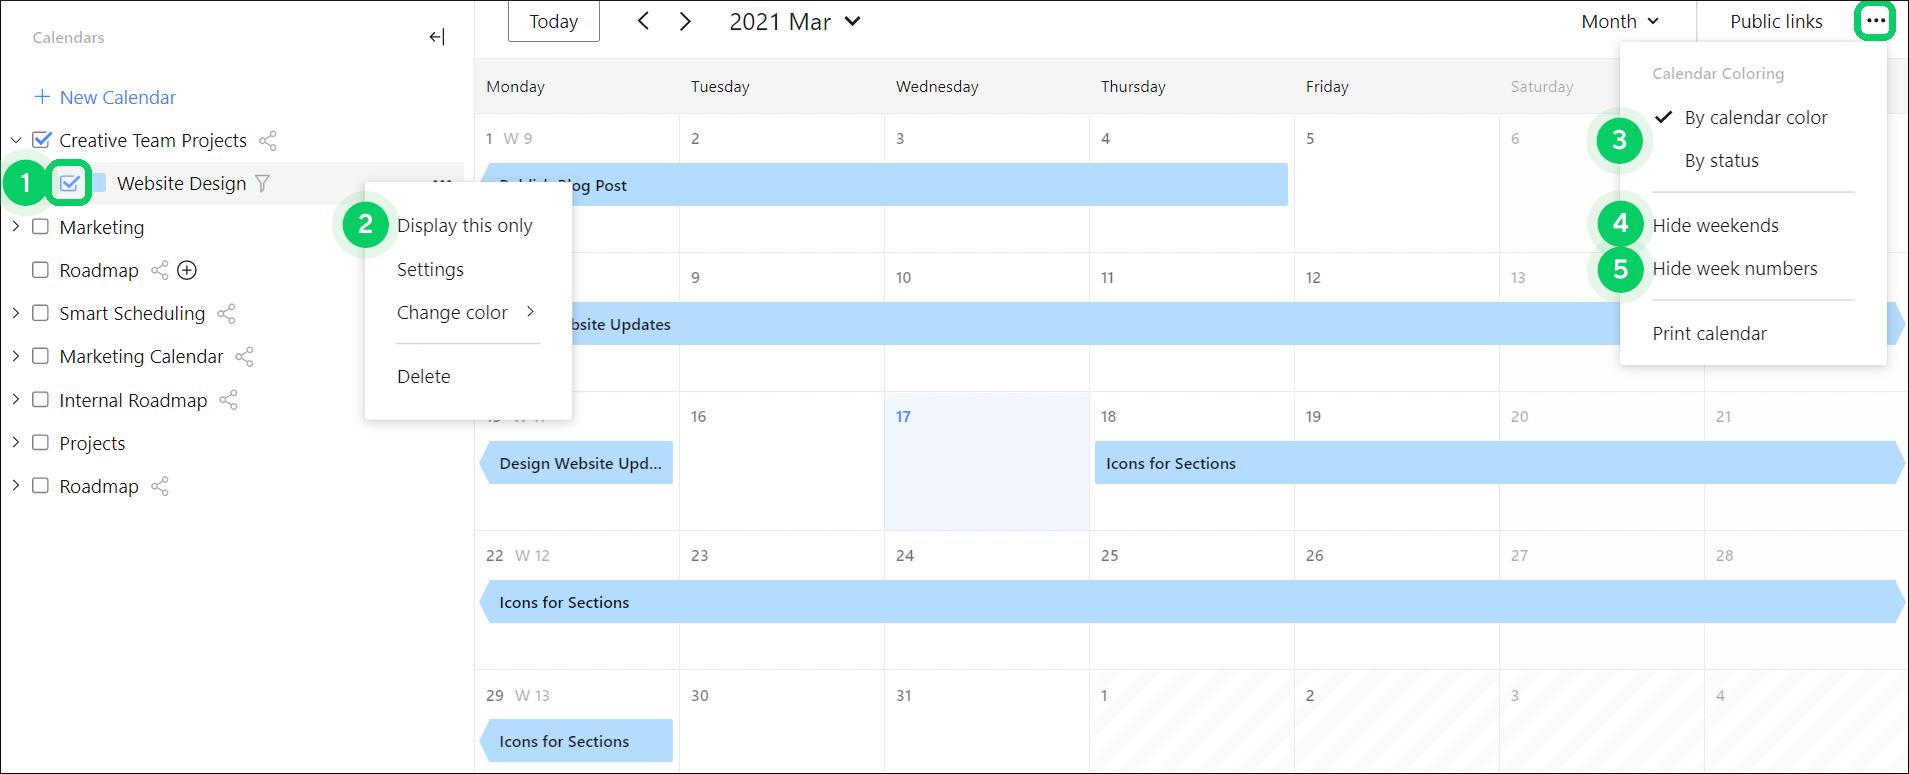 Calendars_-_Customize_calendars.png